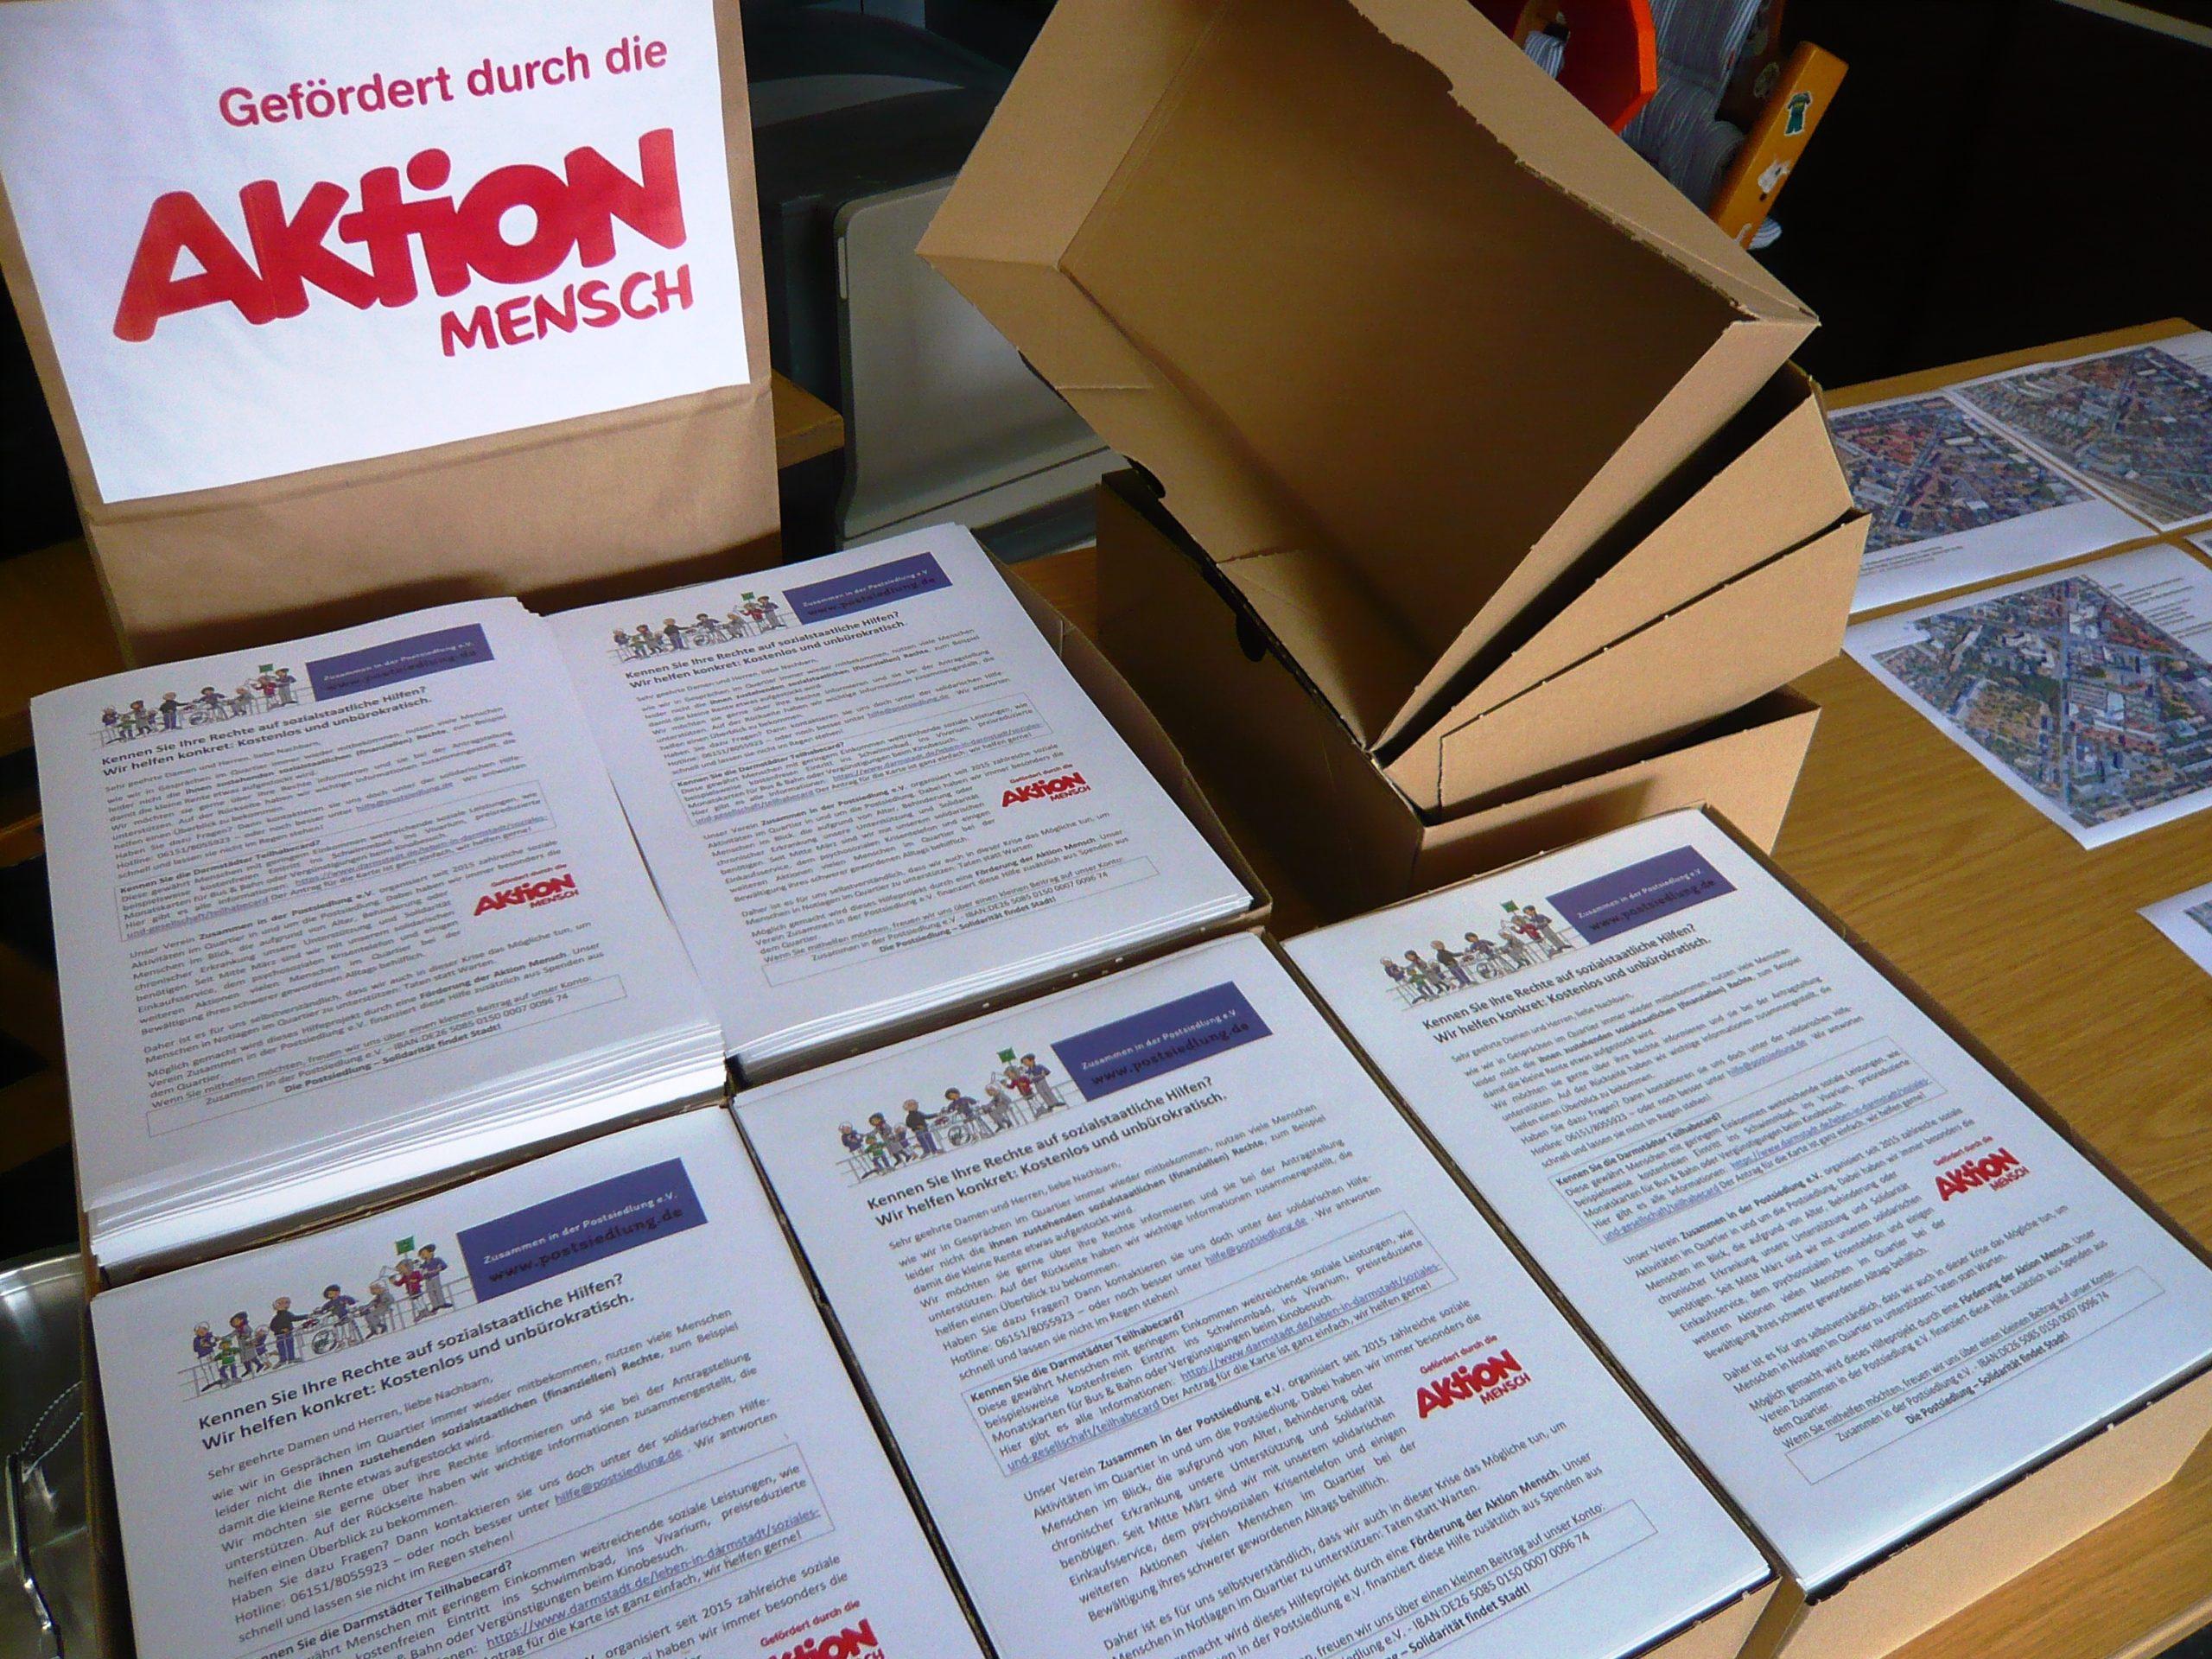 You are currently viewing Soziale Hilfe: 5000 Flyer für neue Lese-, Schreib- und Rechenwerkstatt im Quartier verteilt!